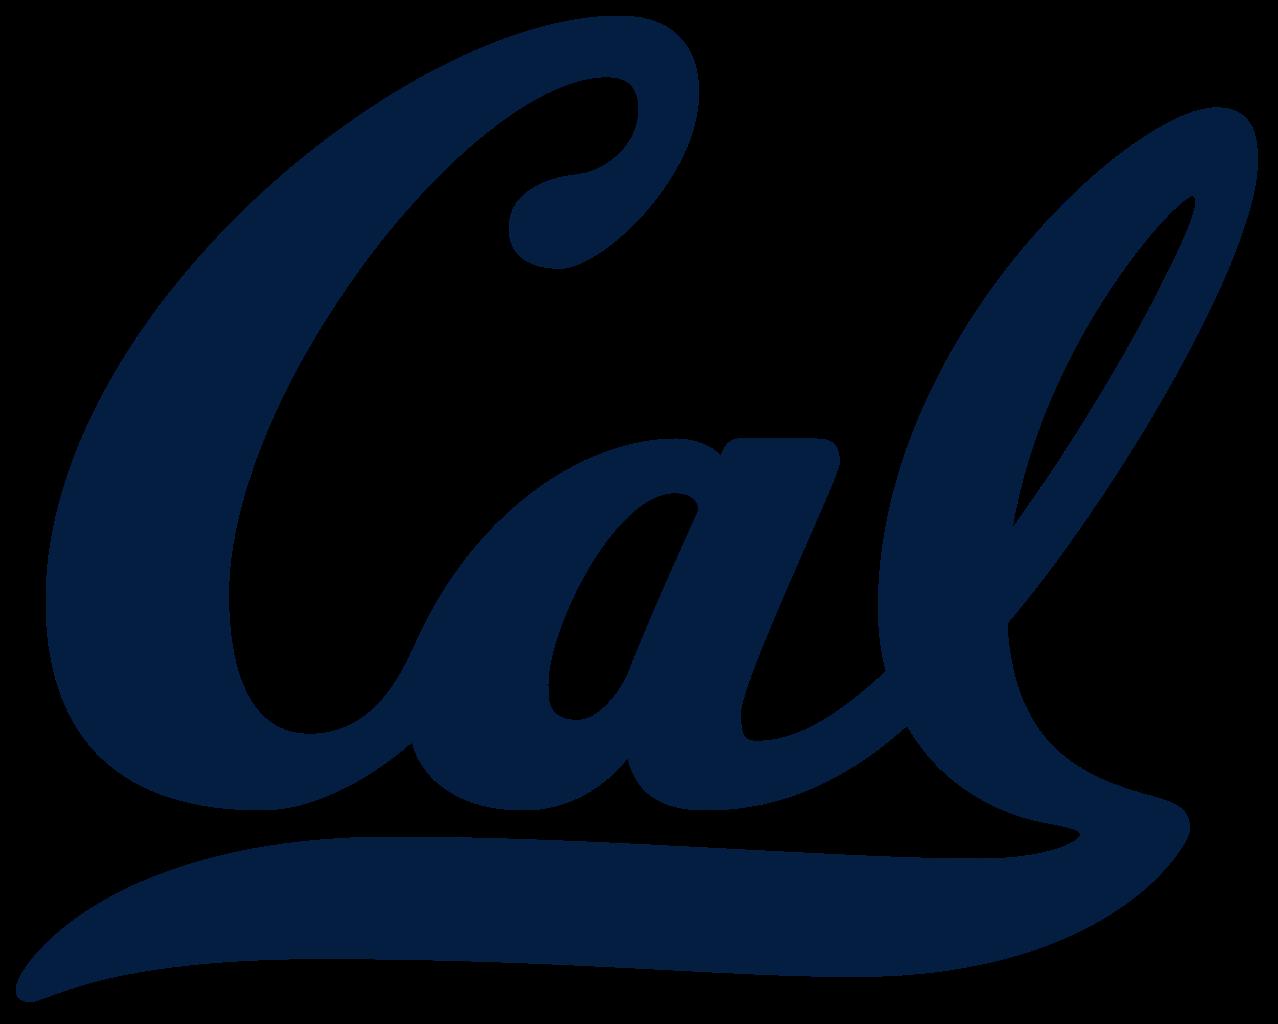 File:California Golden Bears logo.svg.